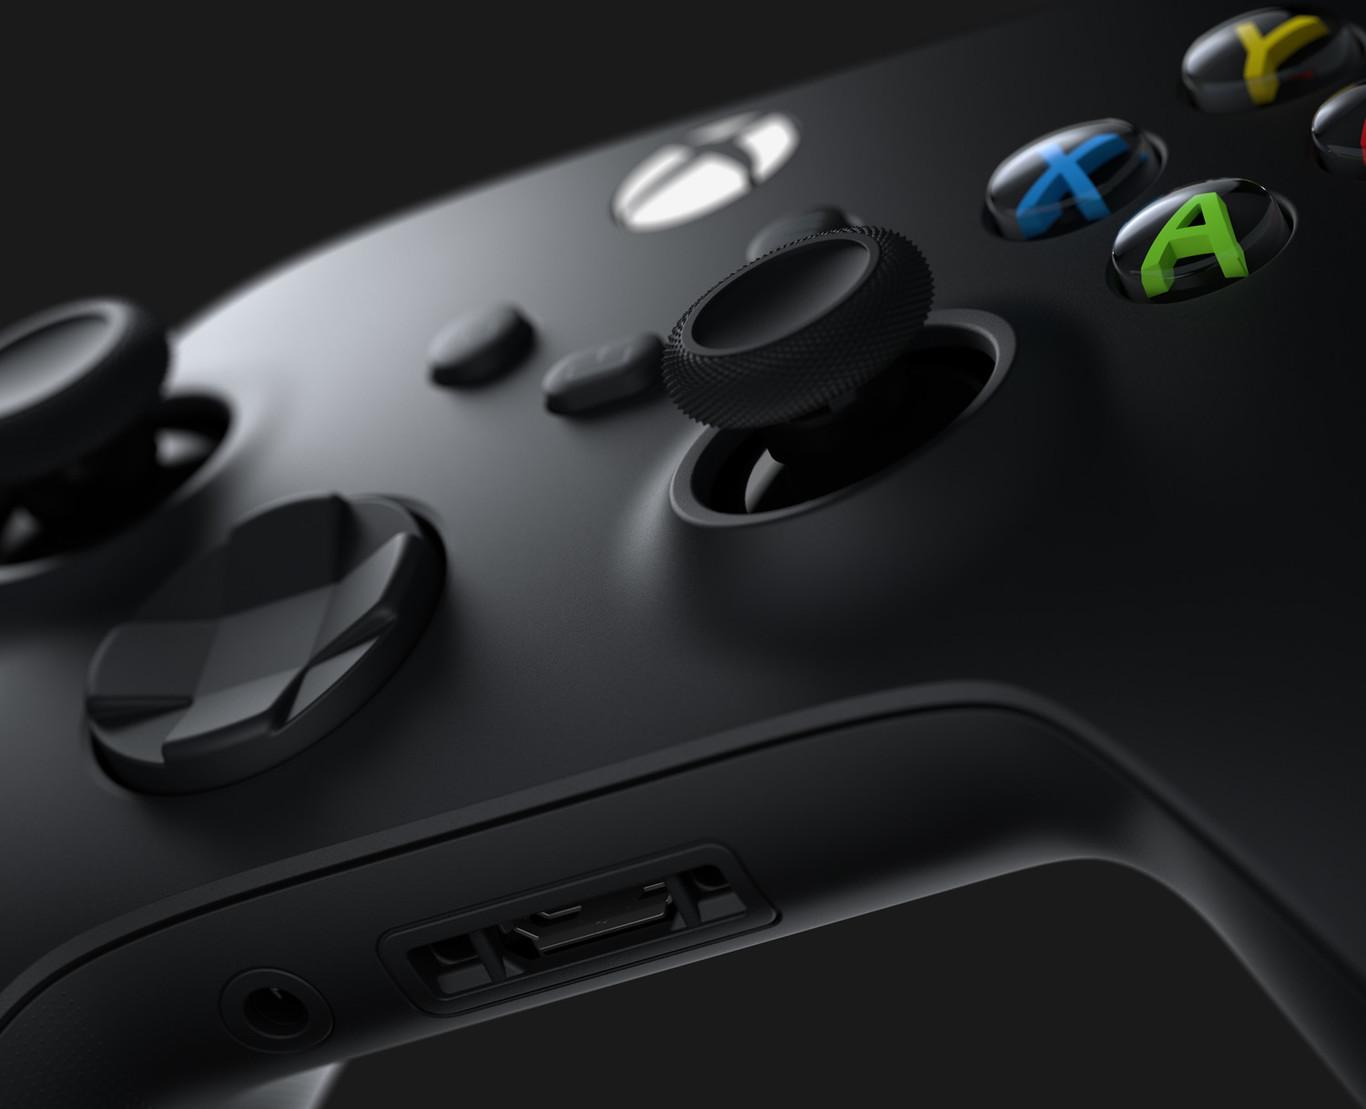 Microsoft admite que el control de Xbox Series X tiene problemas de desconexión y compatibilidad